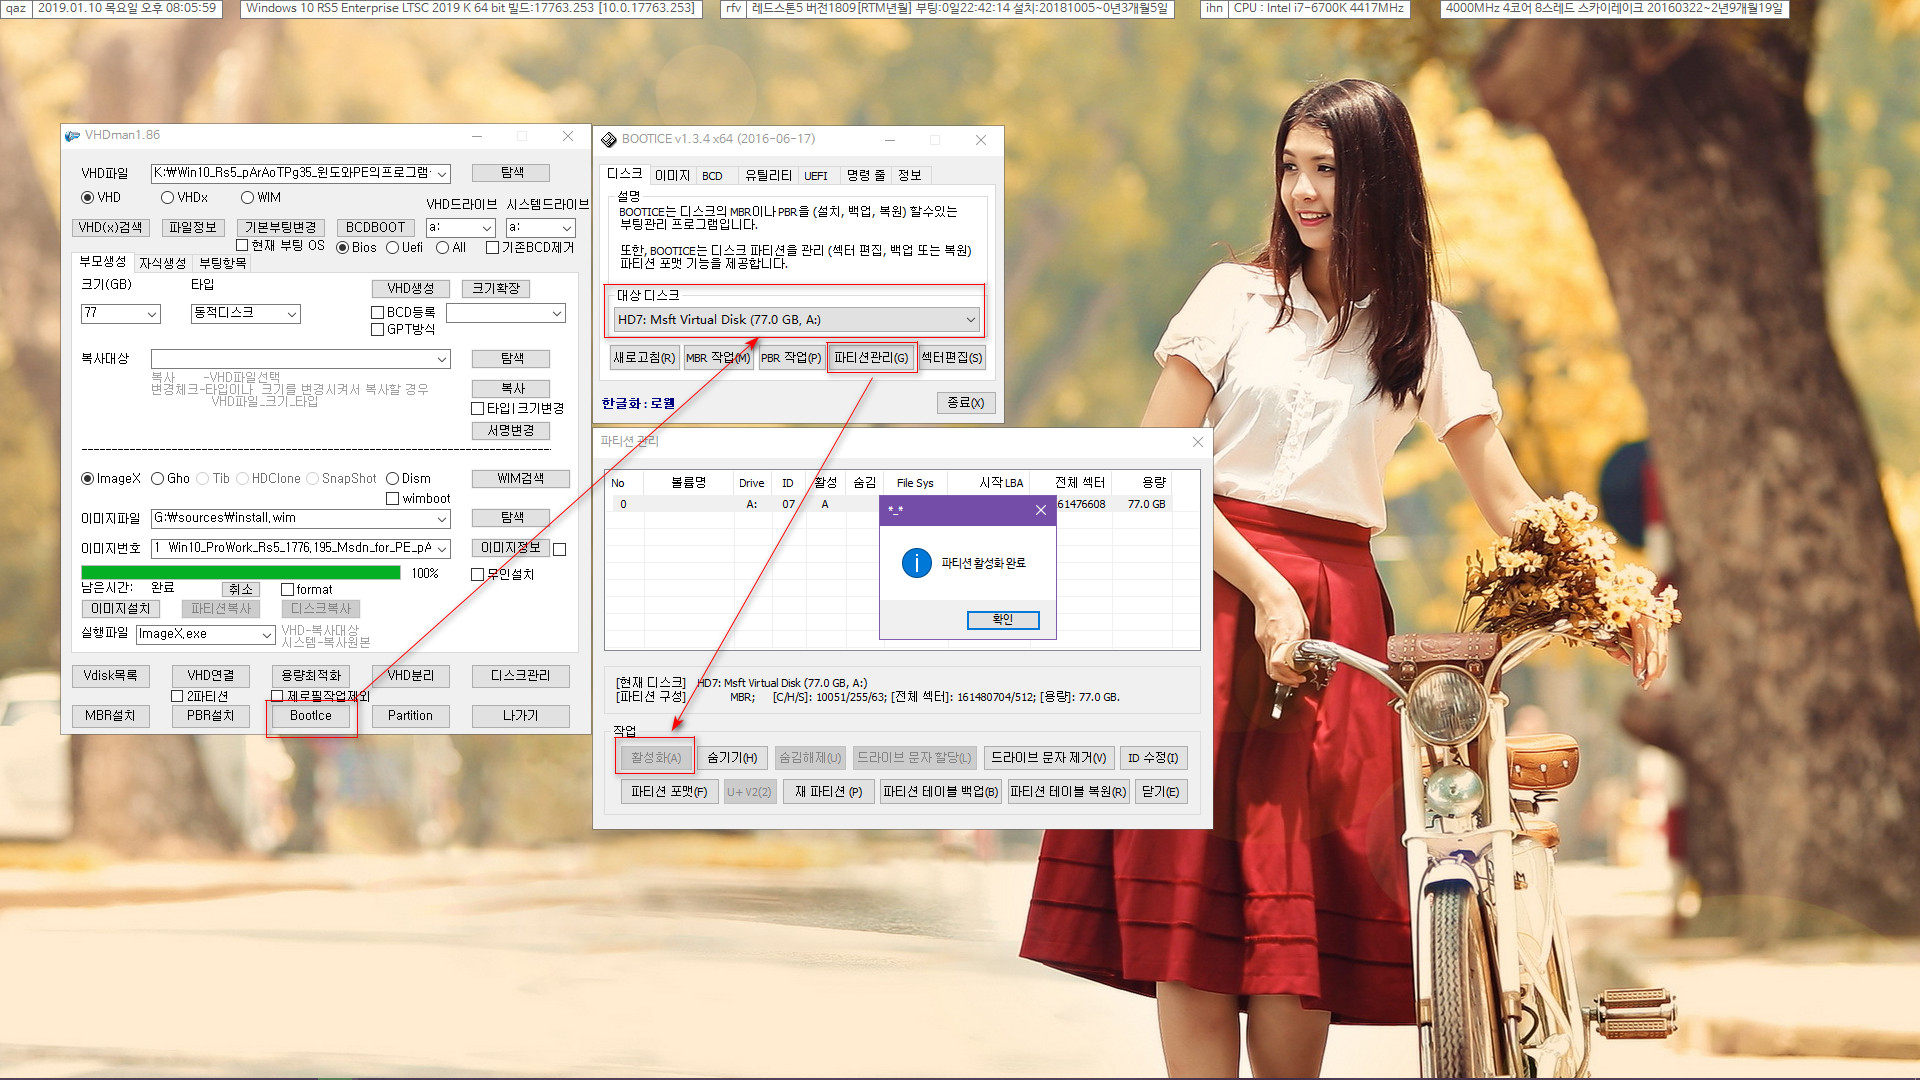 태풍OO님 Win10_Rs5_pArAoTPg35_윈도와PE의프로그램들공유-vhd만들어서vmware에연결 2019-01-10_200559.jpg